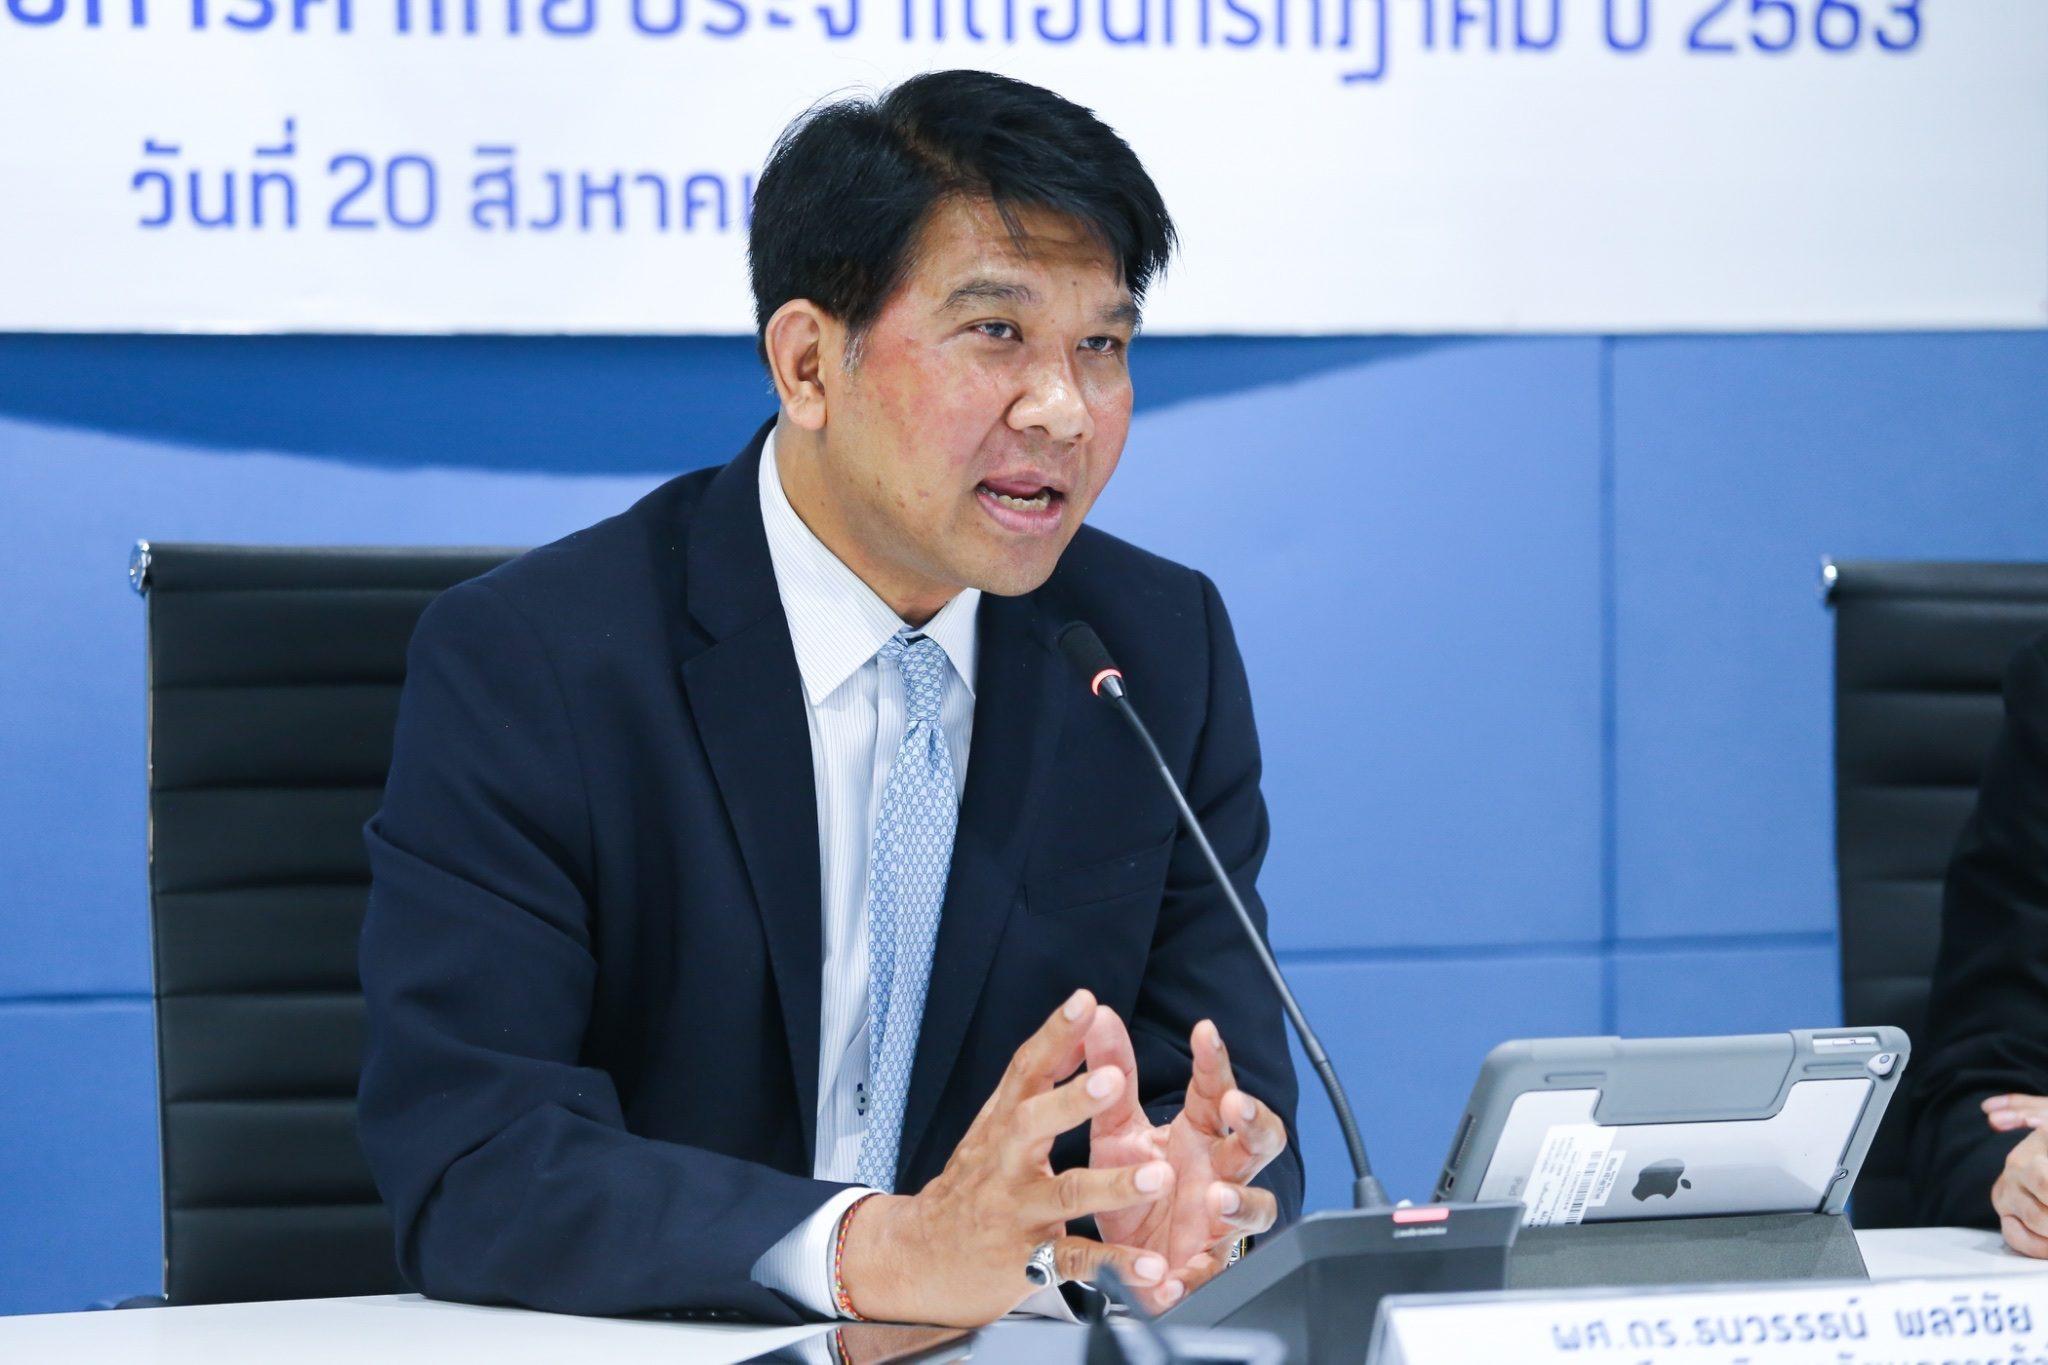 'หอการค้าไทย' ประเมินเศรษฐกิจมีความเสี่ยงติดลบอ่วม หากการเมืองร้อนแรงขึ้น-โควิดระบาดรอบ 2